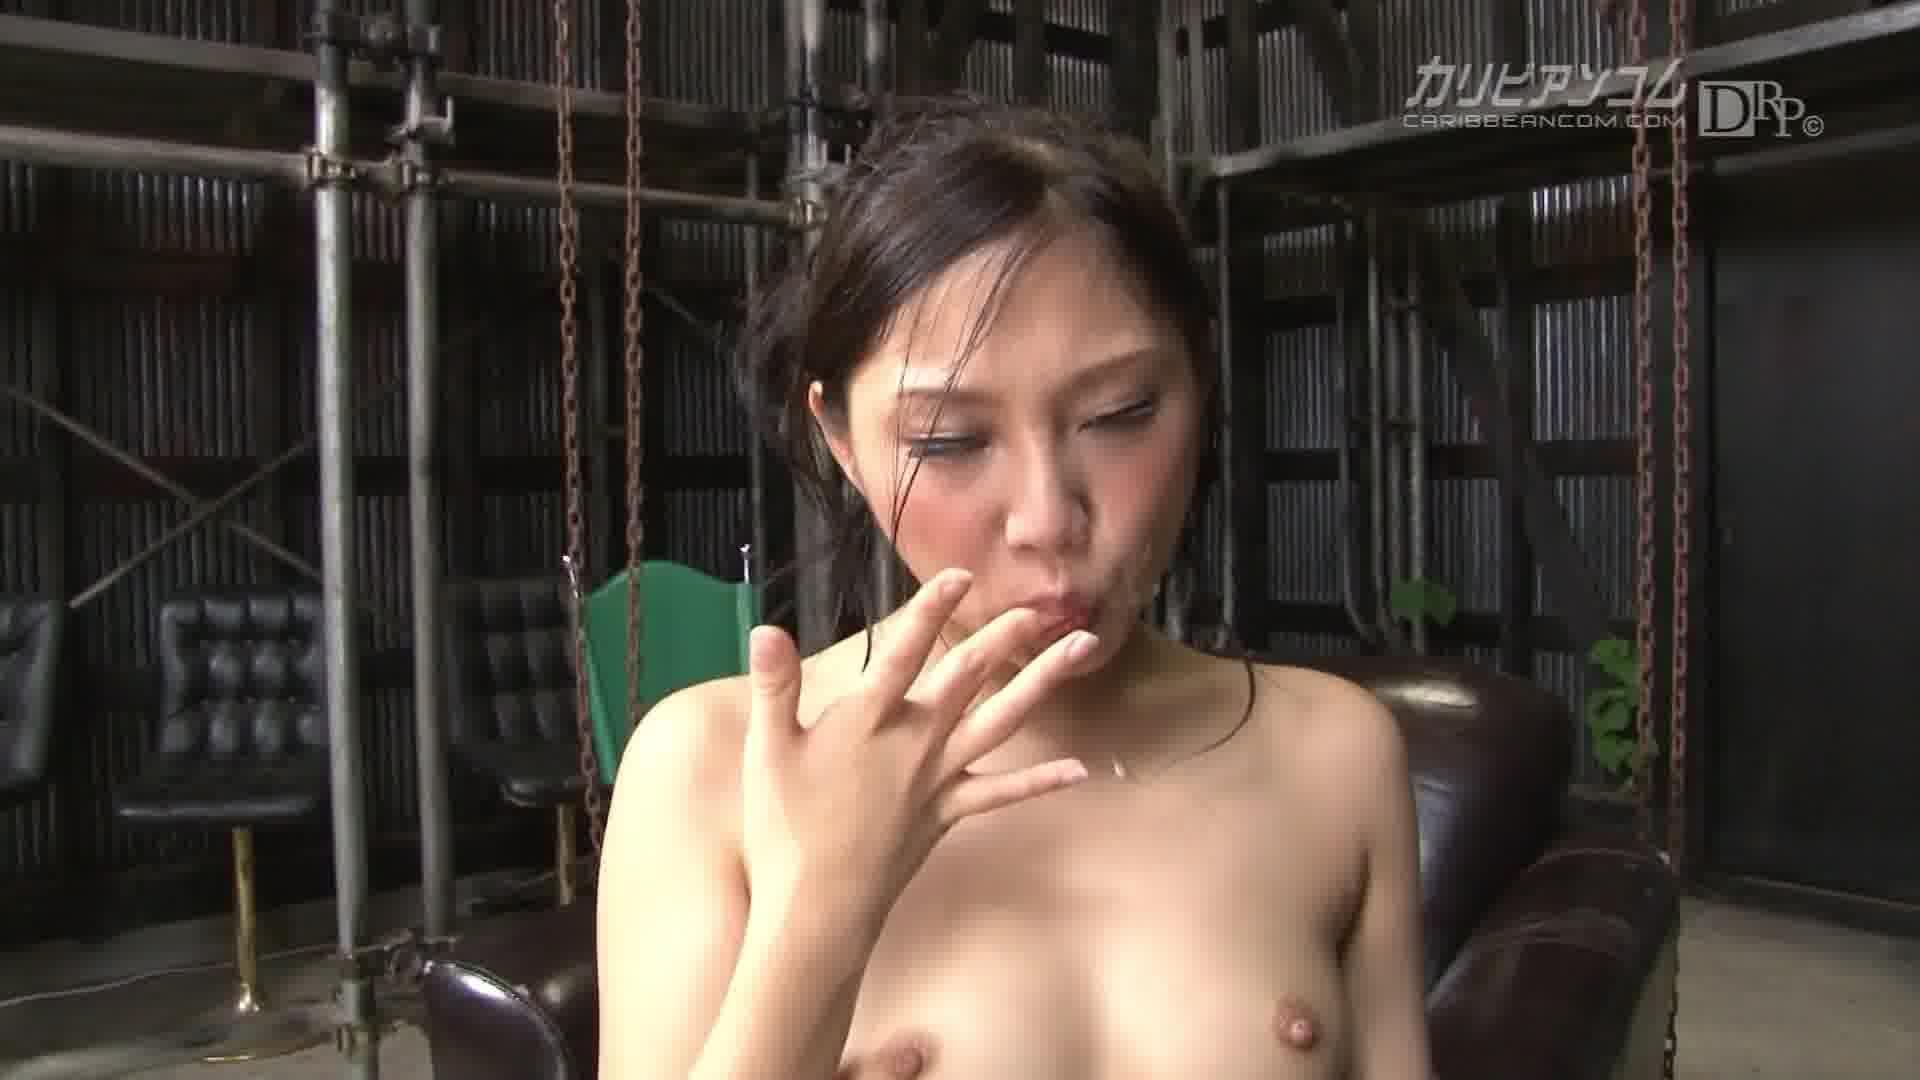 突貫アナル劇場 ~後編~ - 武井麻希【乱交・痴女・アナル】